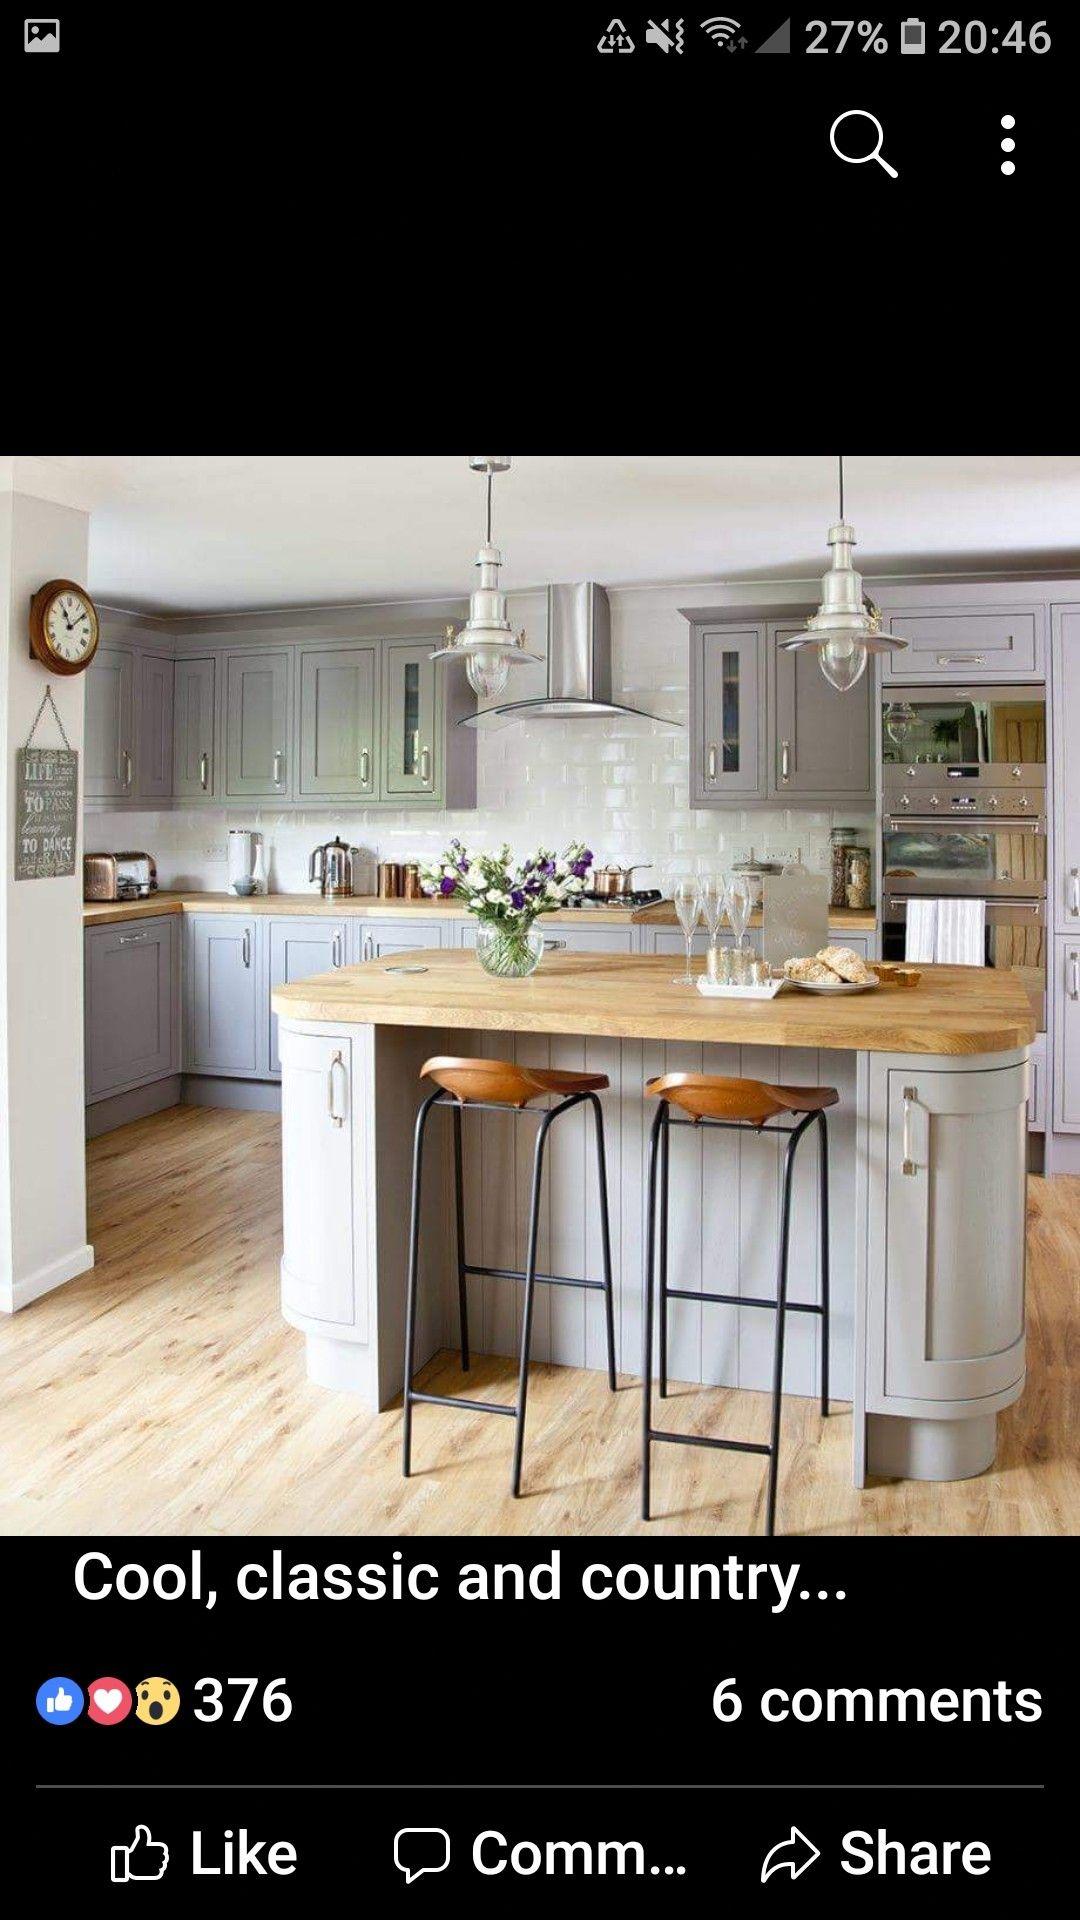 Kitchen Kitchen flooring, Grey kitchen colors, Wood